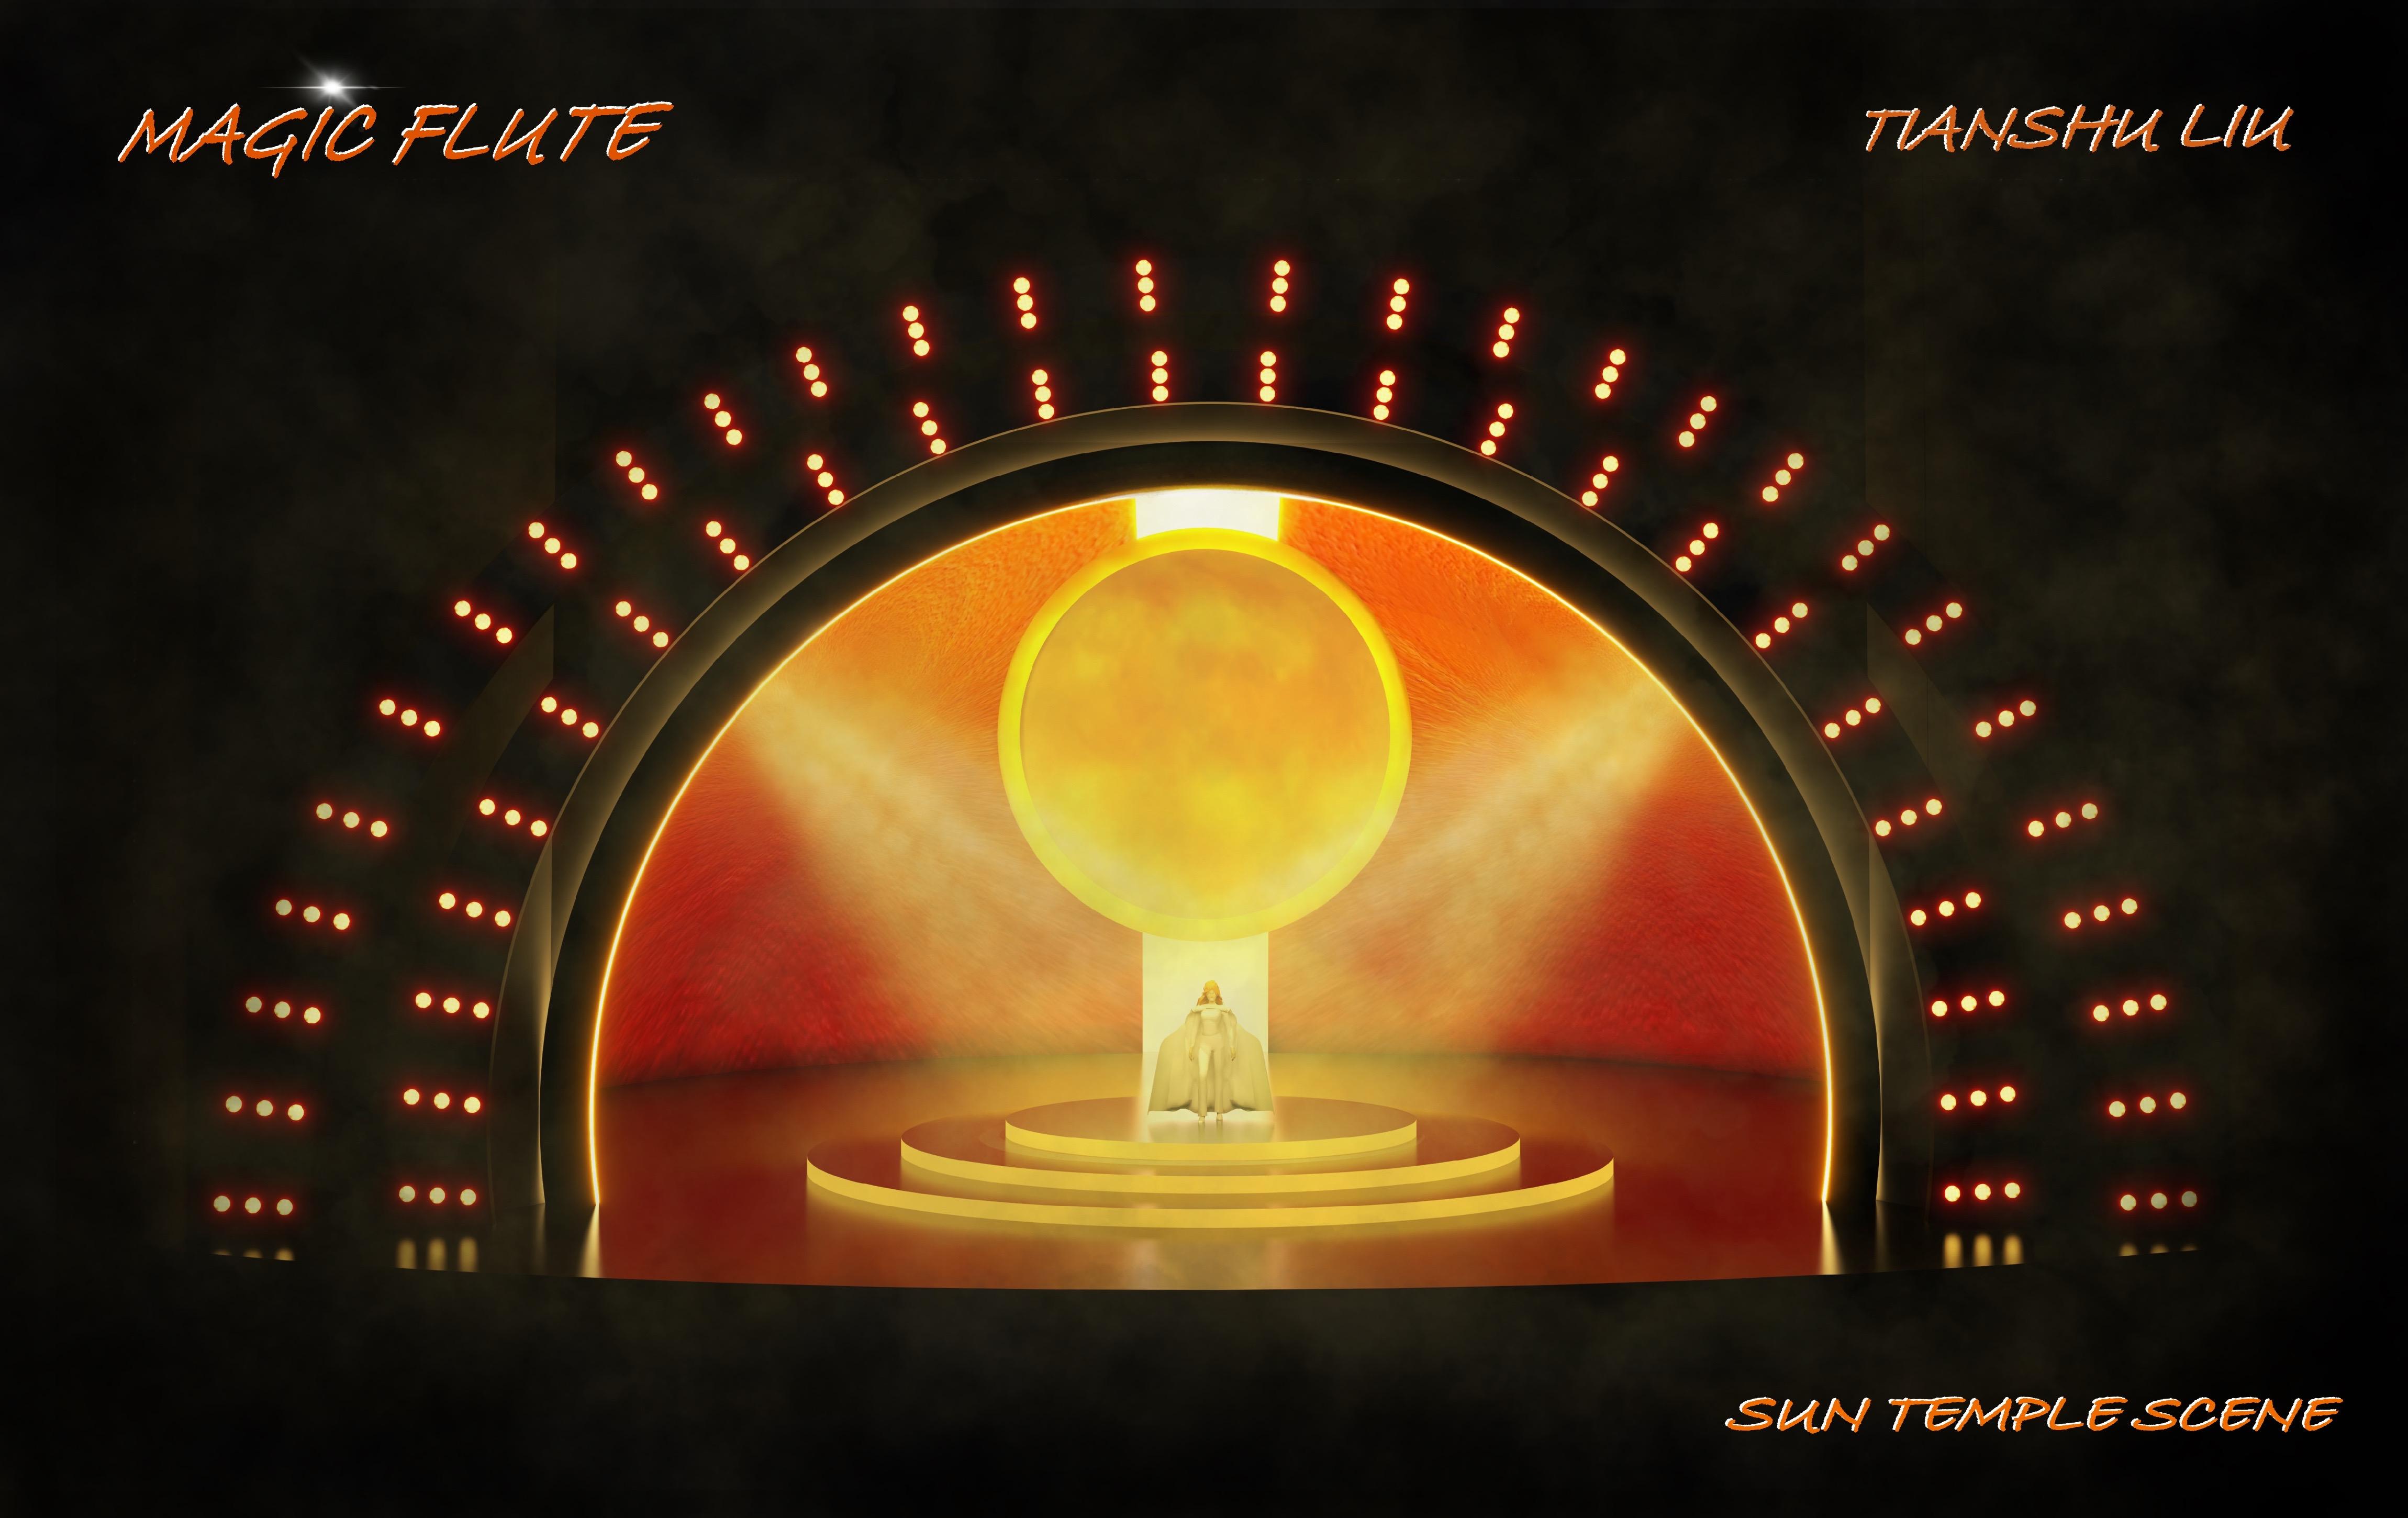 The Sun Temple Scene